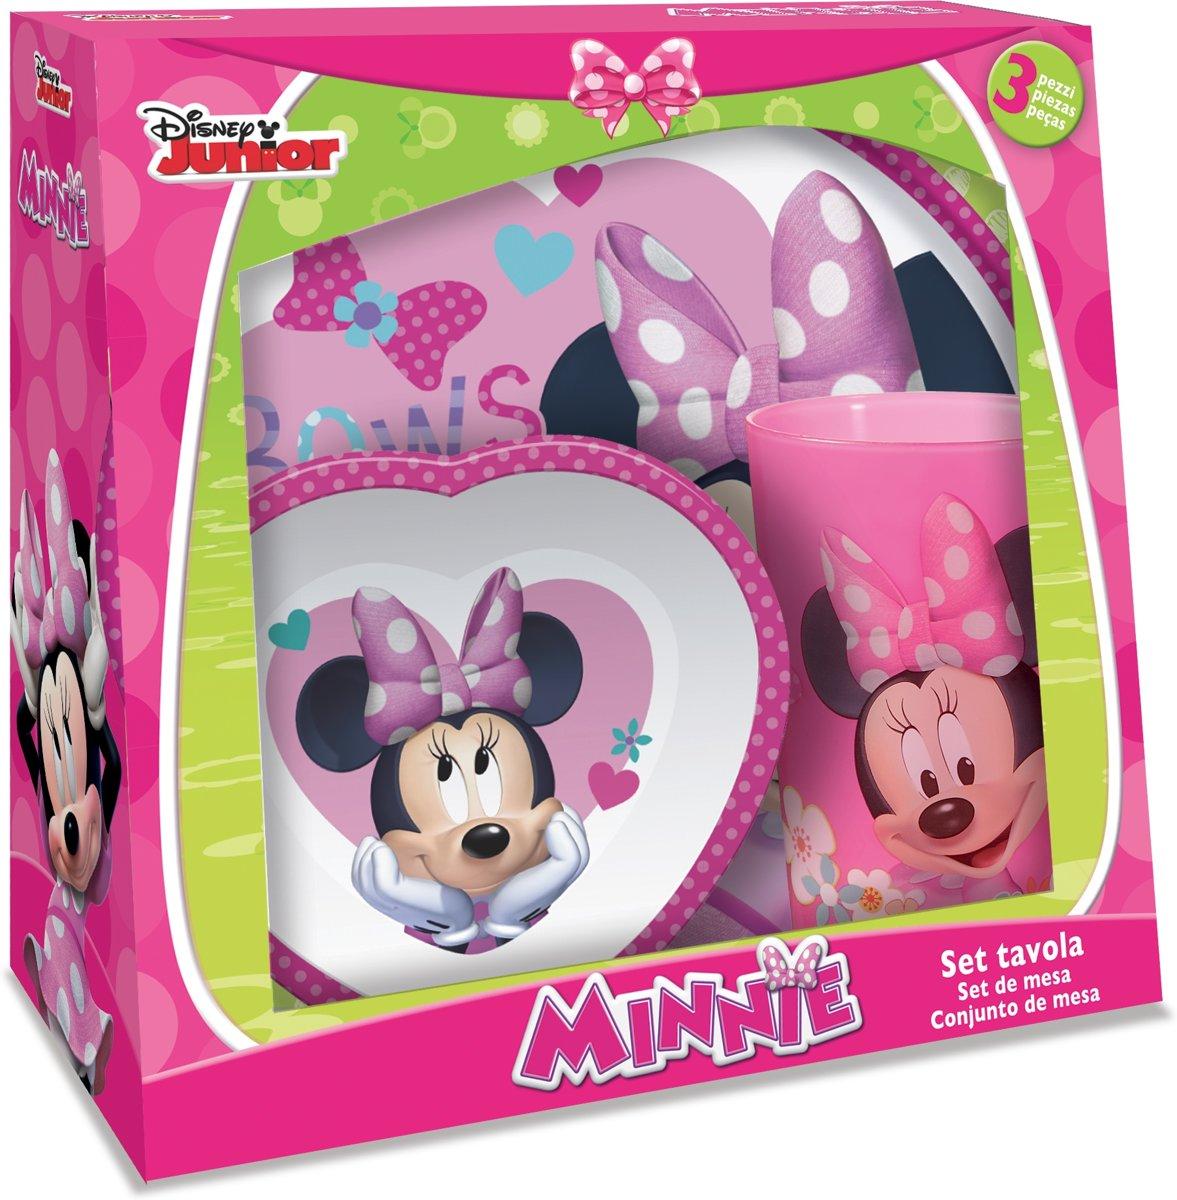 Disney Serviesset Minnie Mouse 3-delig Wit/roze